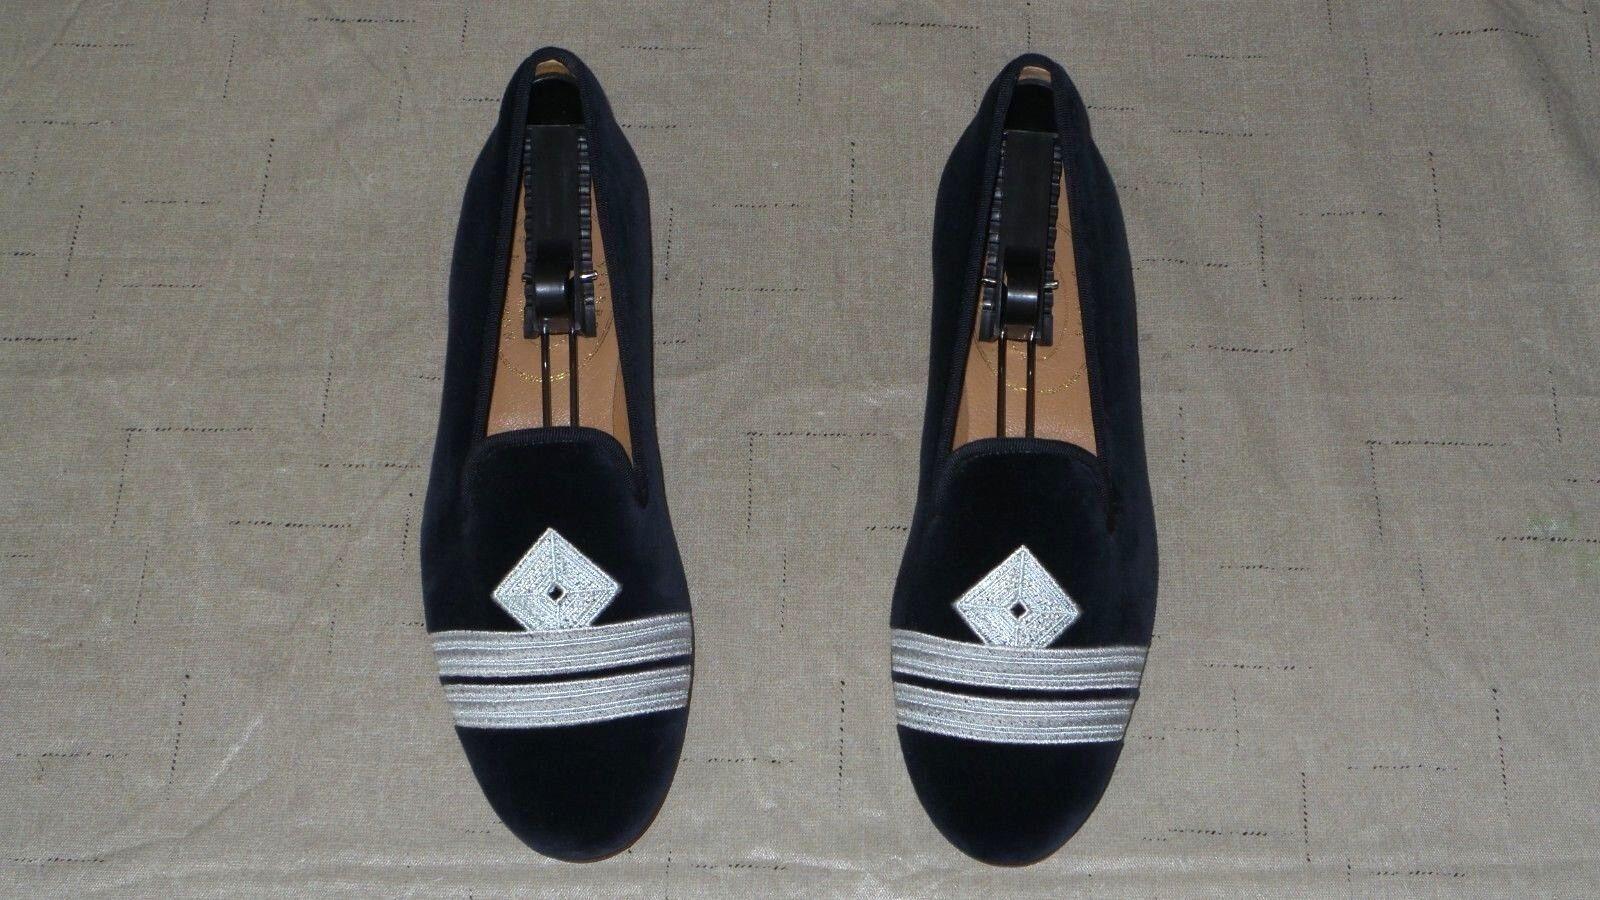 Tan lindo  Mujer  450 450 450 Stubbs and wootton Velvet  Almirante  Zapatillas Mocasines Zapatos  Compra calidad 100% autentica